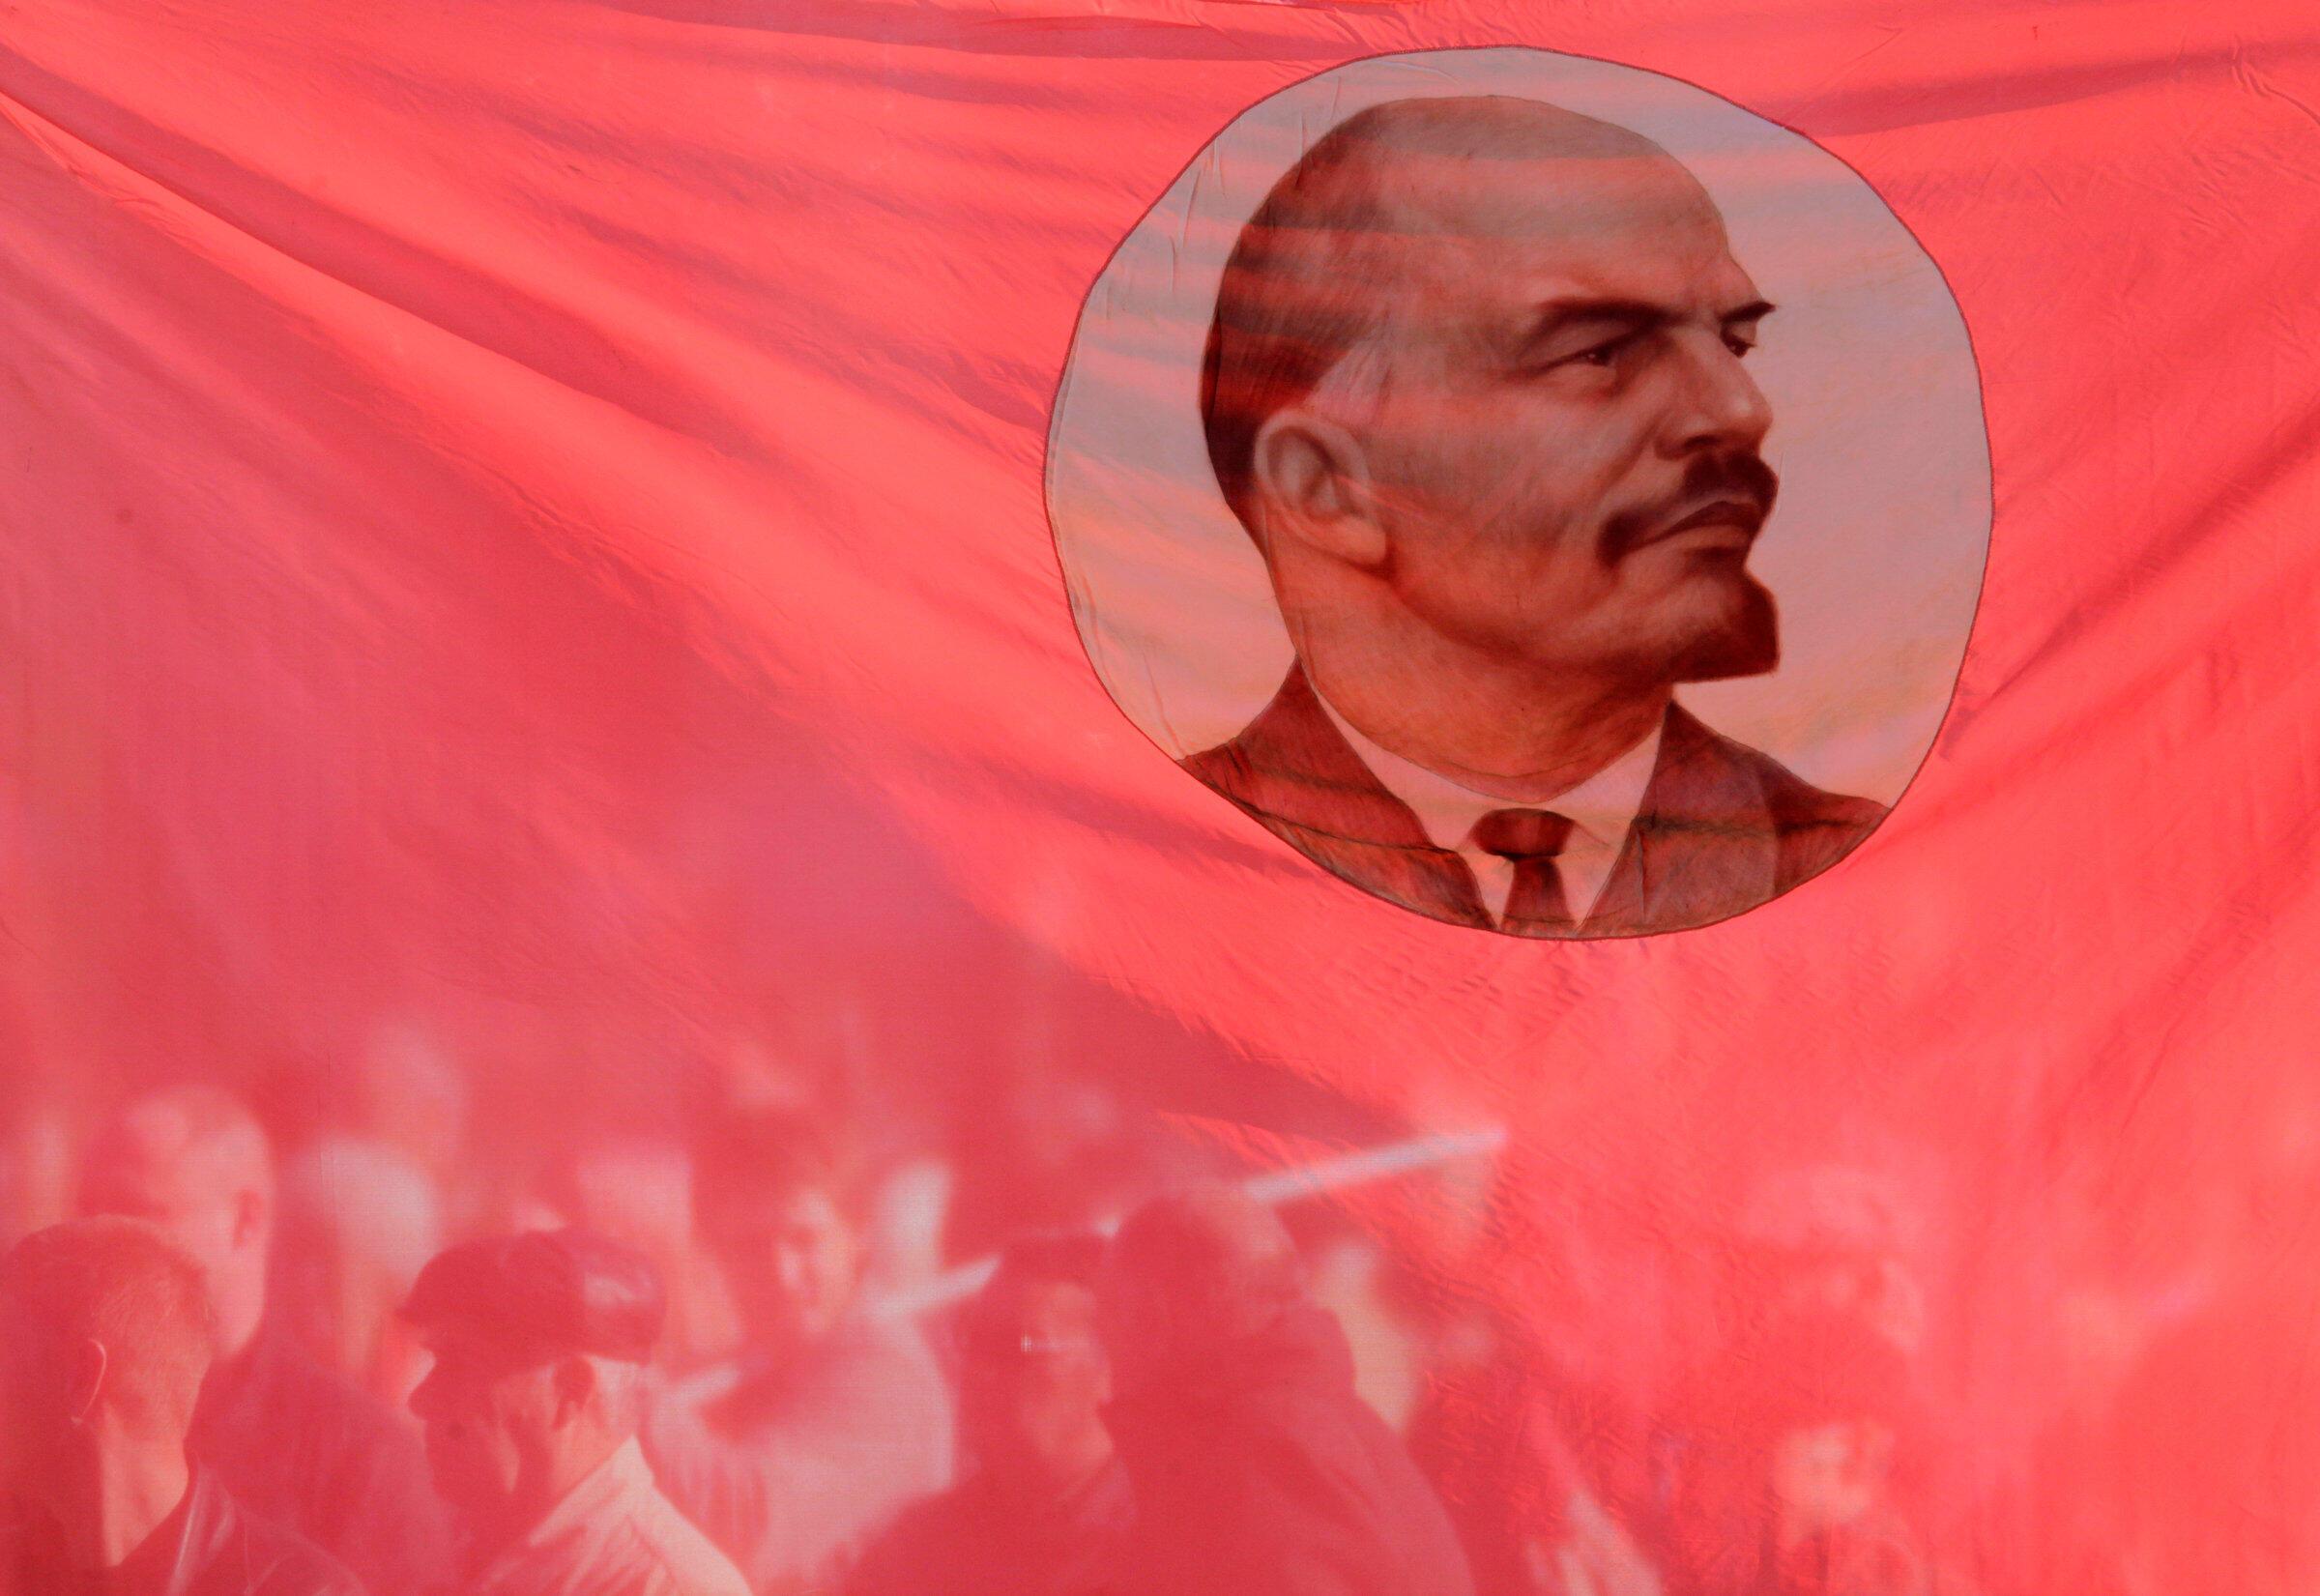 Partidários do comunismo são vistos através da bandeira vermelha, com o retrato de Lênin, em Stavropol, em 7 de novembro de 2010.